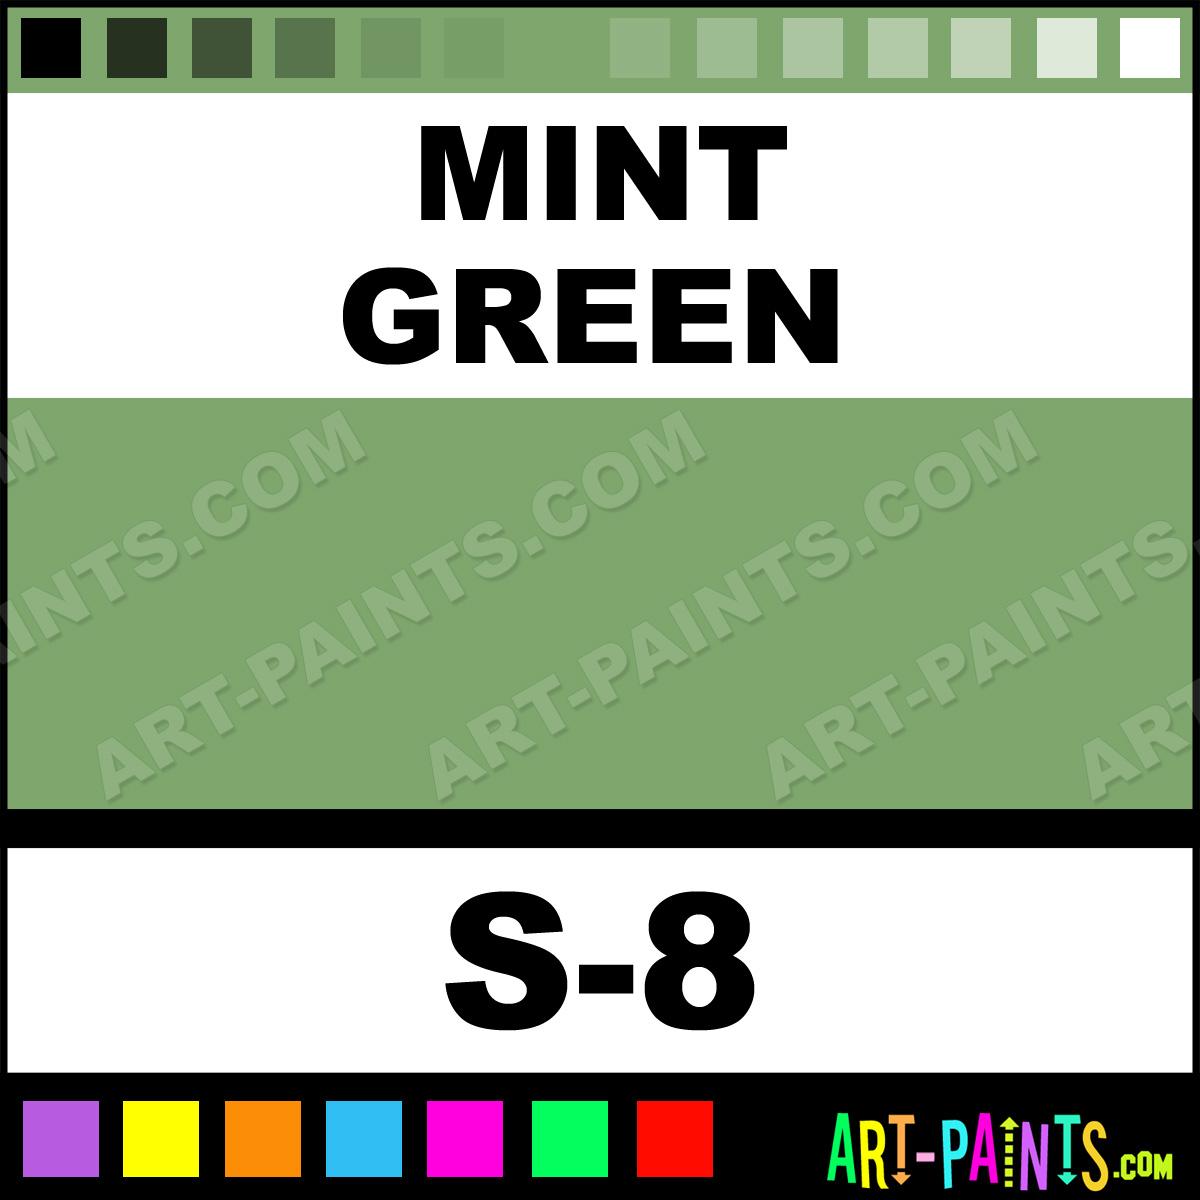 Mint Green Paint mint green translucent ceramic paints - s-8 - mint green paint